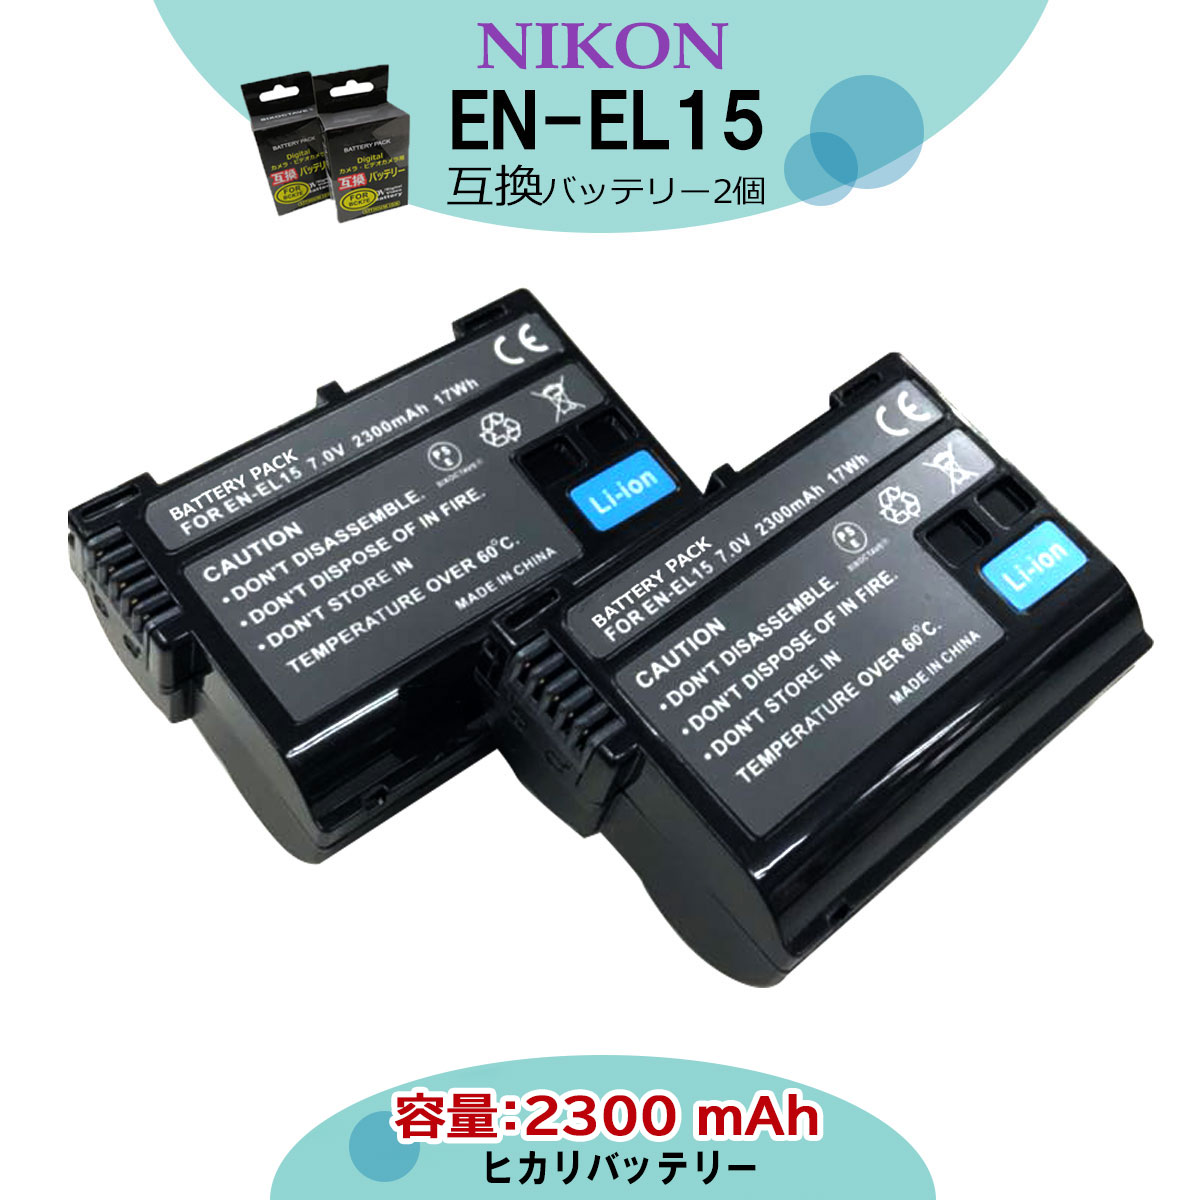 デジタルカメラ用アクセサリー, バッテリーパック 2 NIKON EN-EL15 :2300mAh MH-25 MH-25a D500 D600 D610 D750 D780 D800 D800E D810 D810A D850 Z7 D7000 D7100 D7200 D7500 1 V1